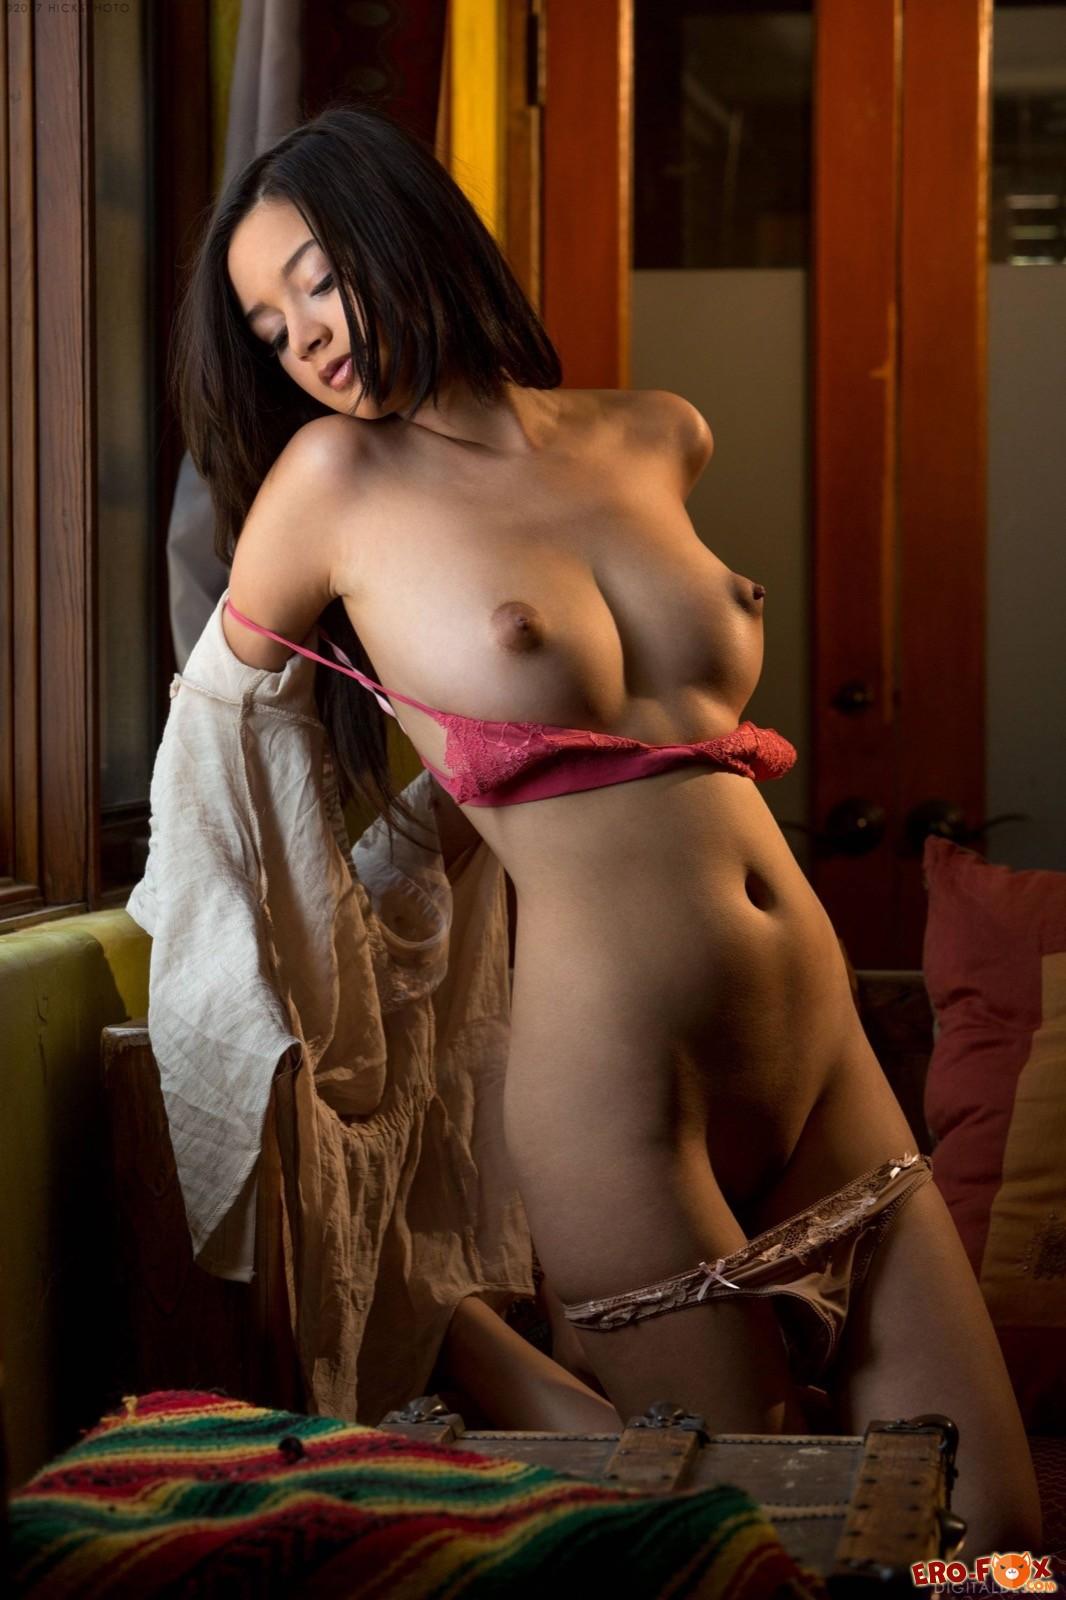 Сексапильная девушка с упругими сиськами и попкой